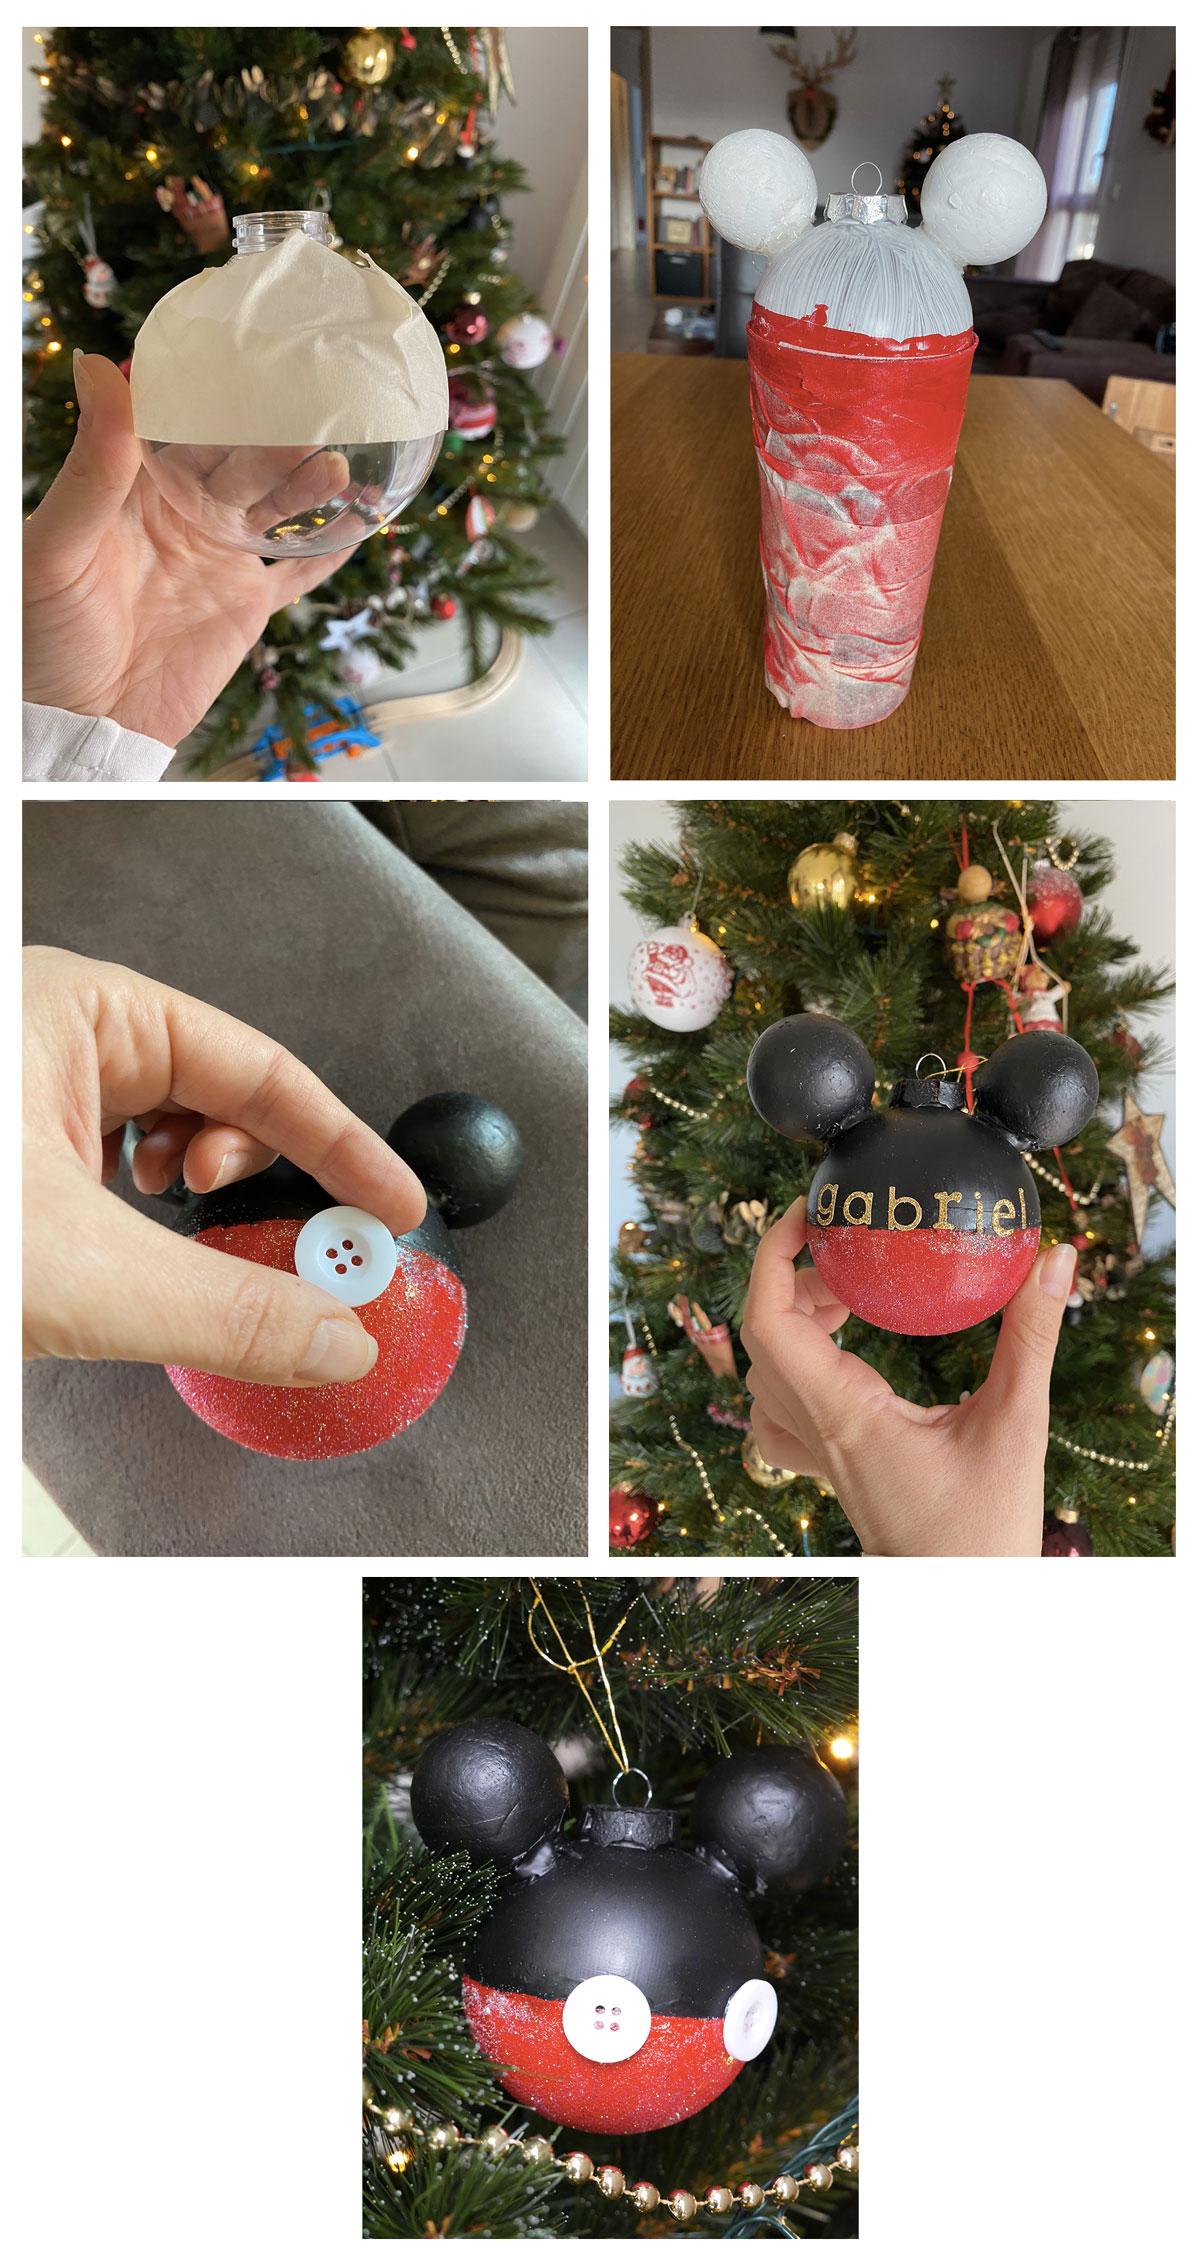 DIY comment créer une boule de Noël Disney Mickey Mouse